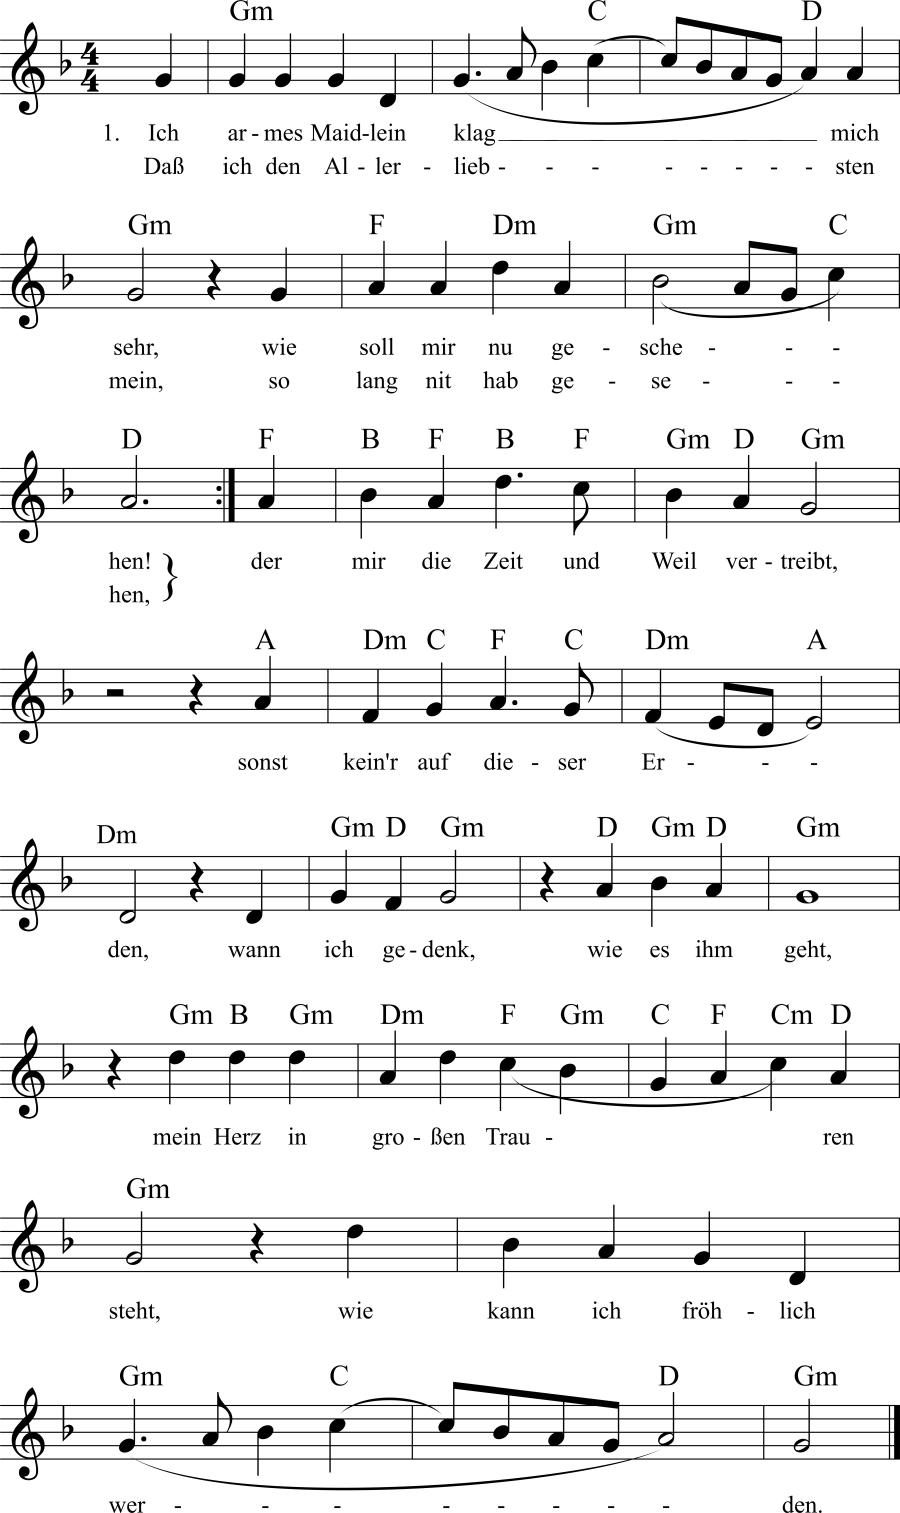 Musiknoten zum Lied Ich armes Maidlein klag mich sehr